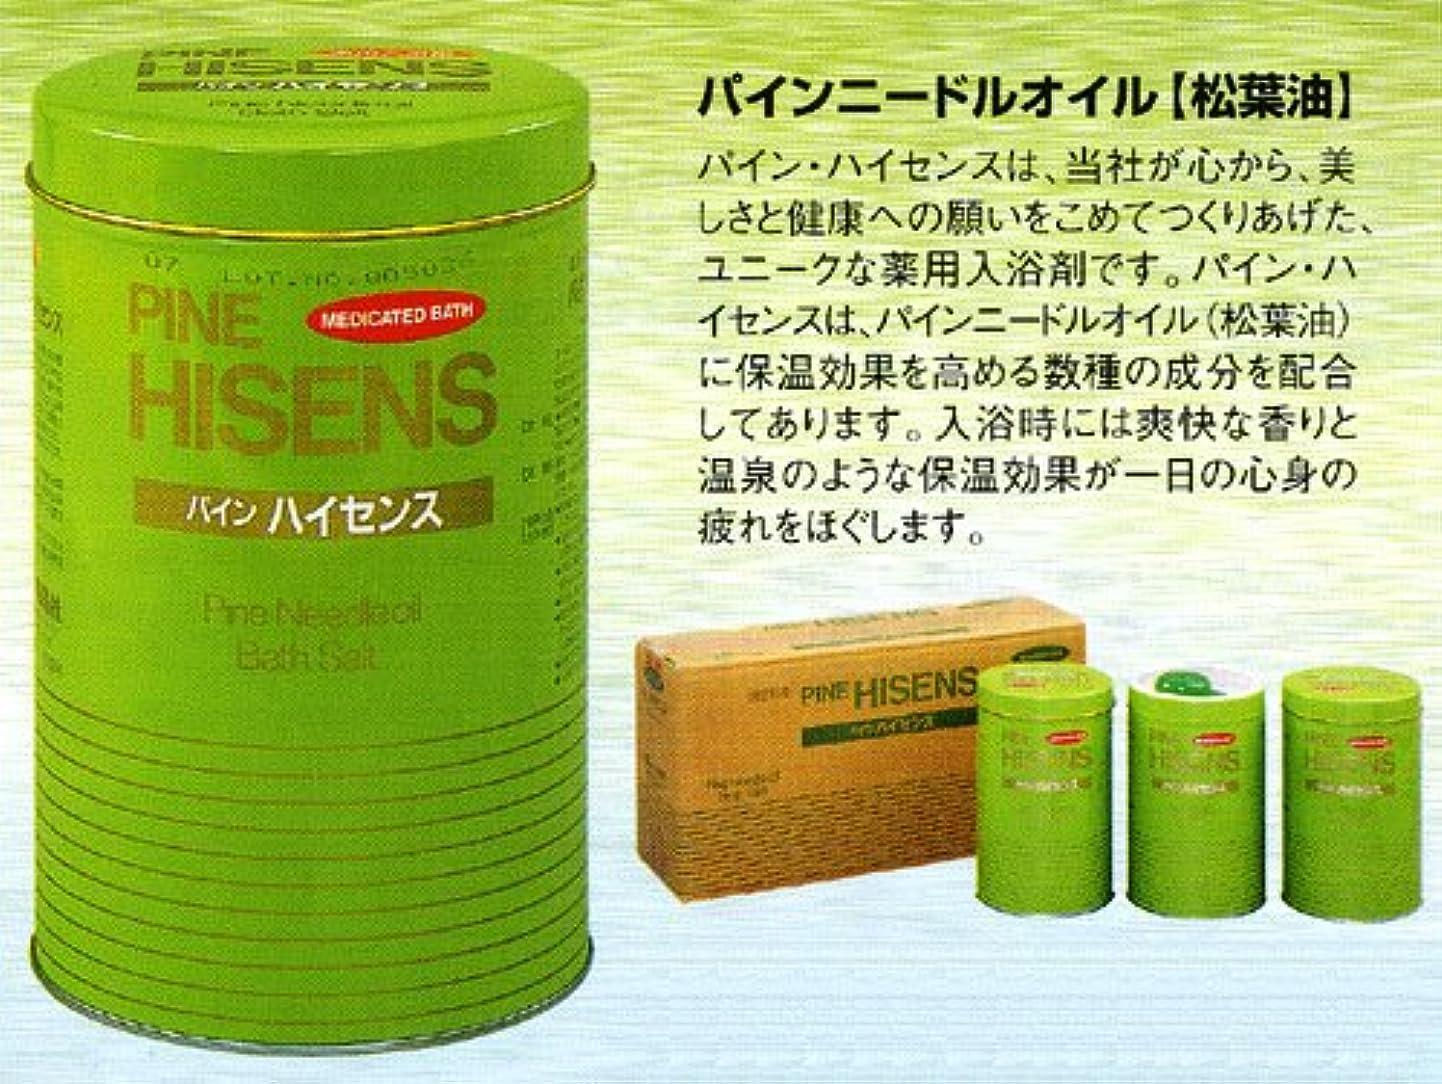 エクスタシー参加する感情高陽社 薬用入浴剤 パインハイセンス 2.1kg 3缶セット